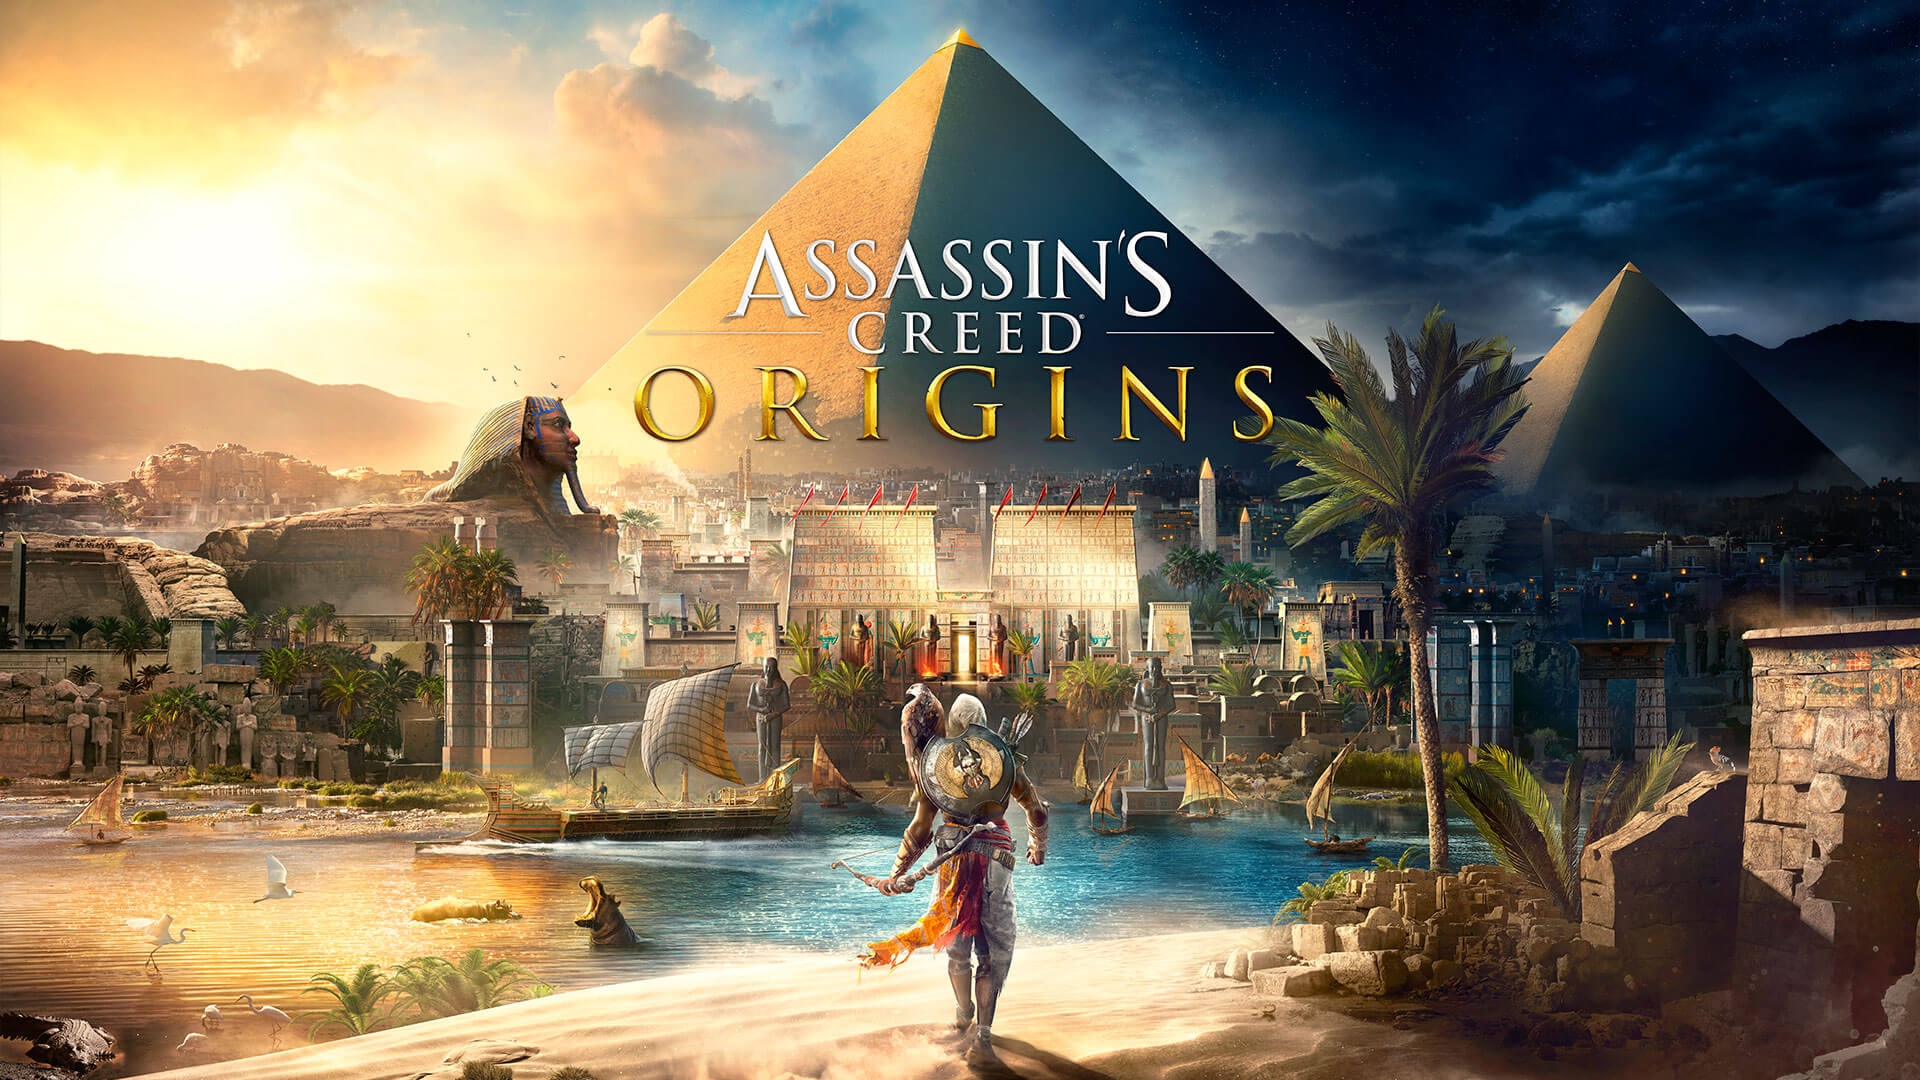 『アサシンクリード オリジンズ』のボックスアート。遠くには大ピラミッドがそびえ立つ。